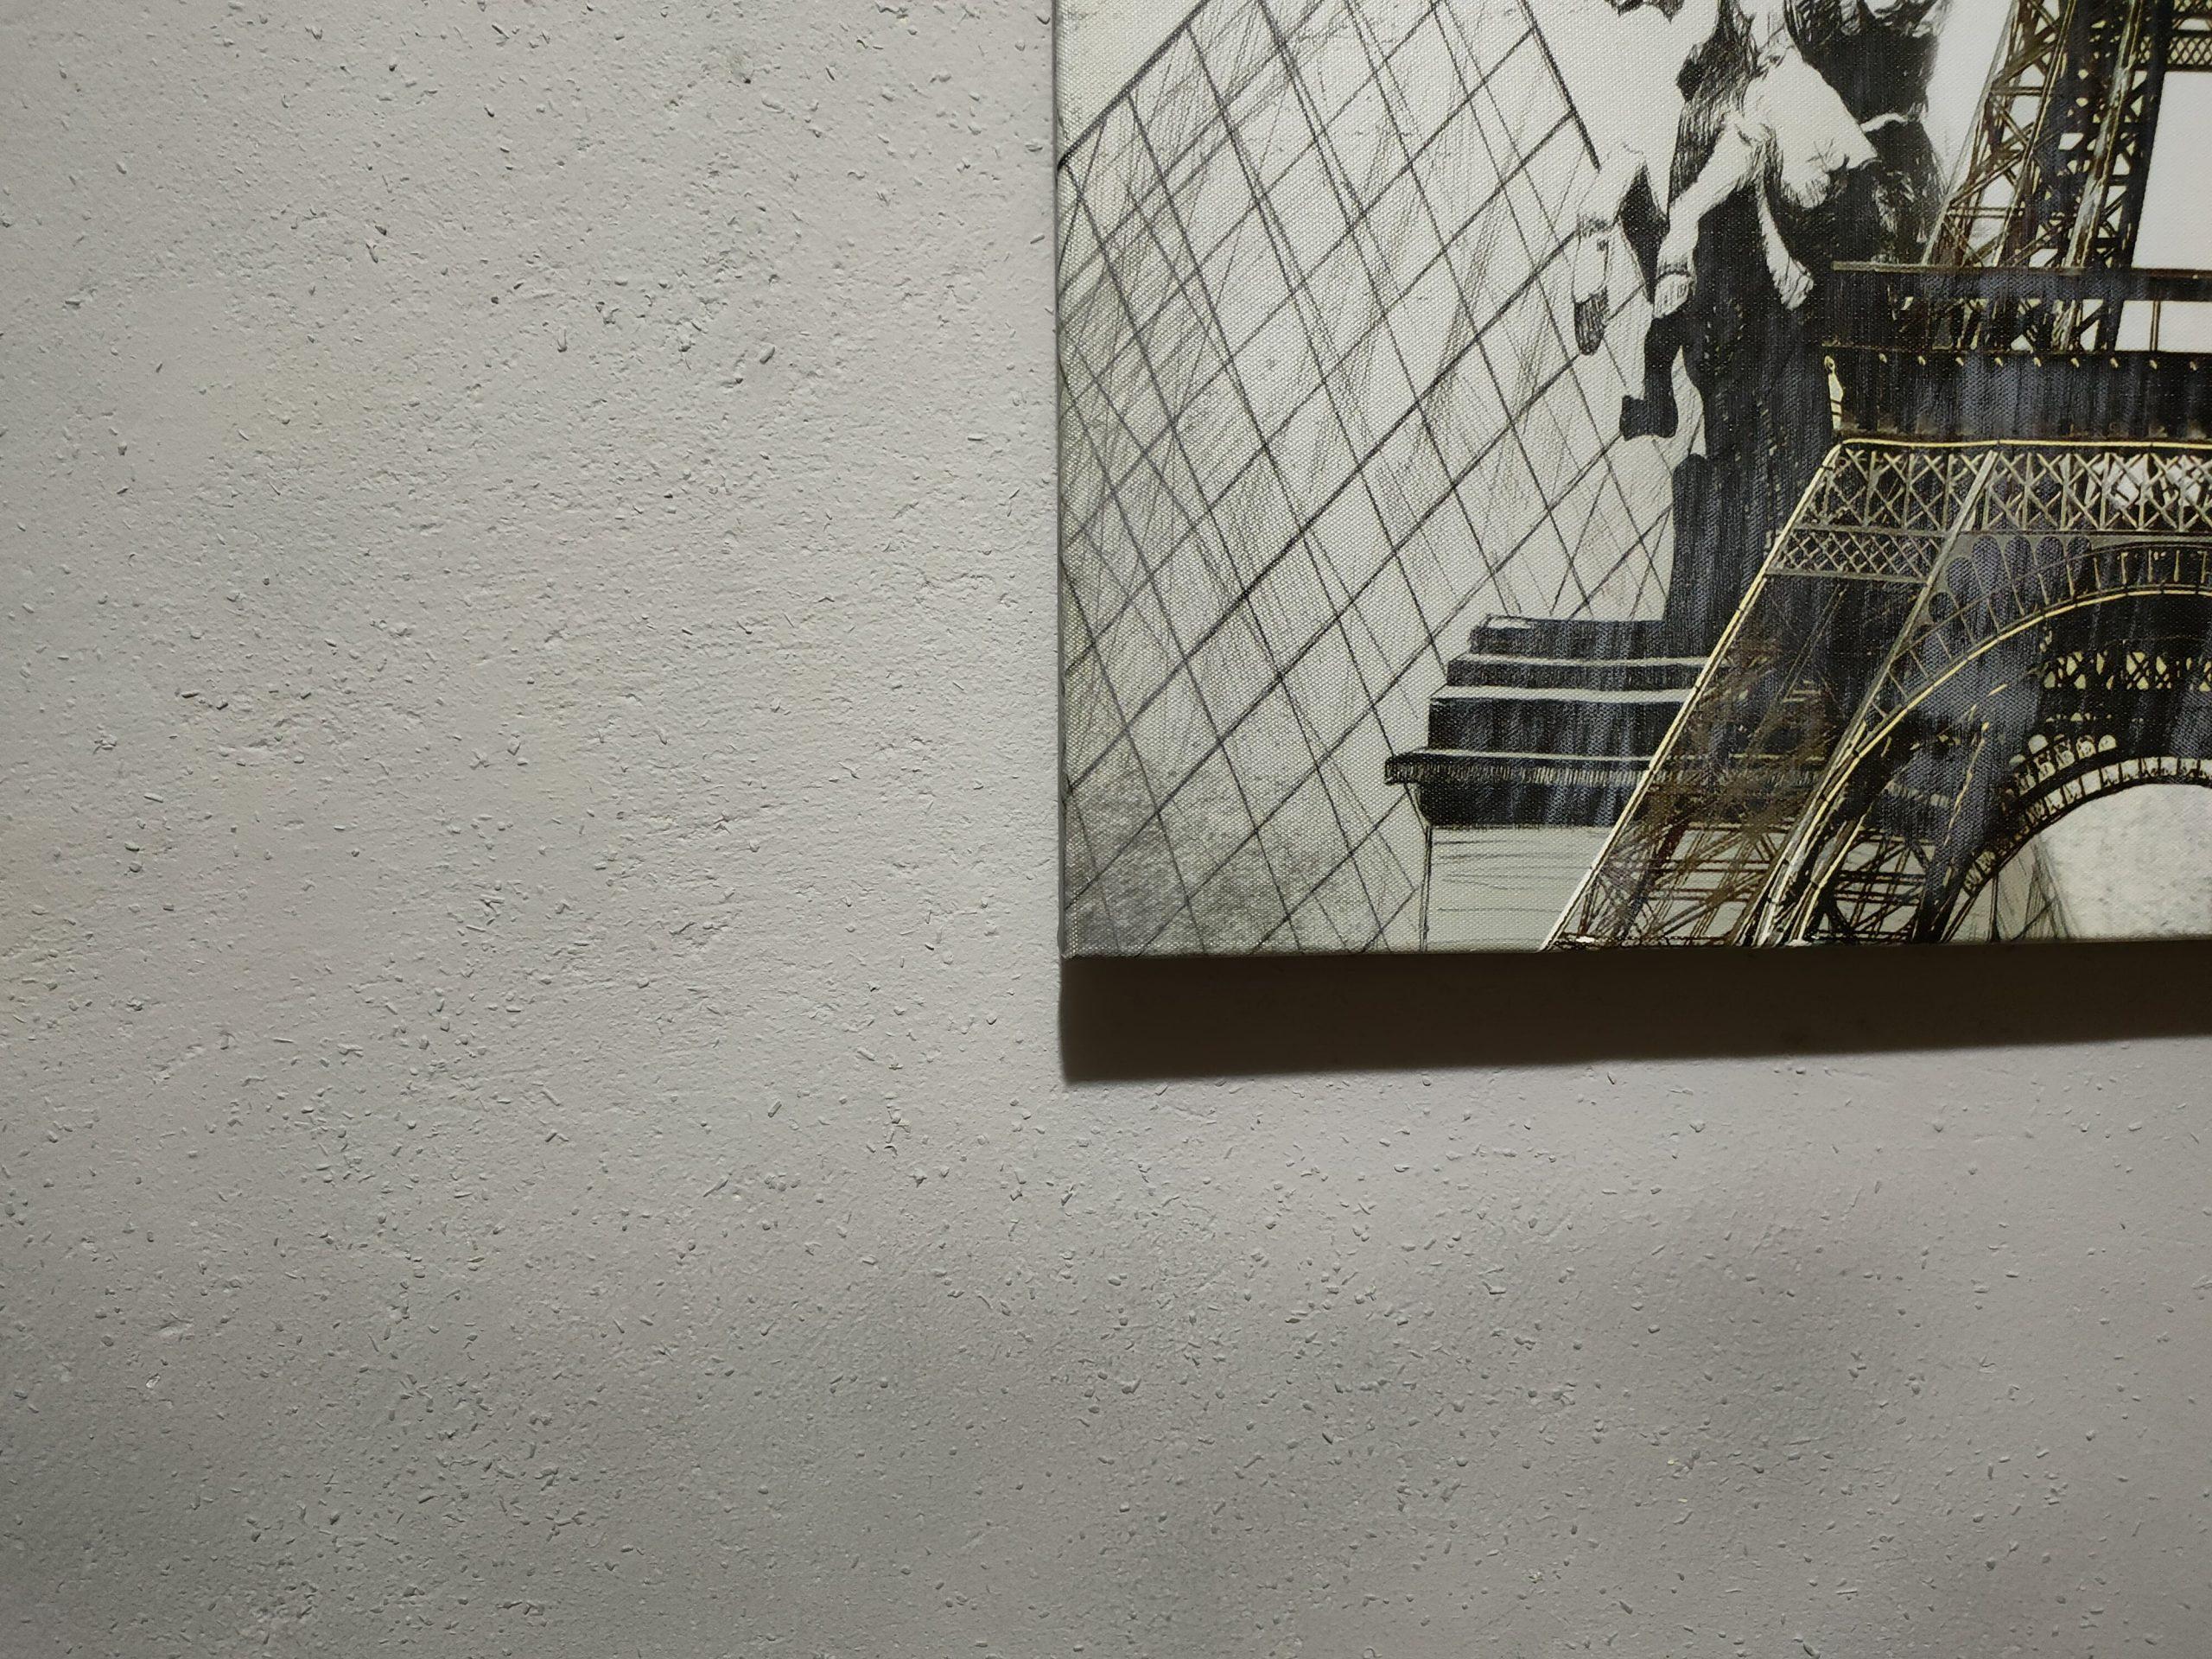 Zdjęcia w pomieszczeniu - Oppo Reno4 Pro